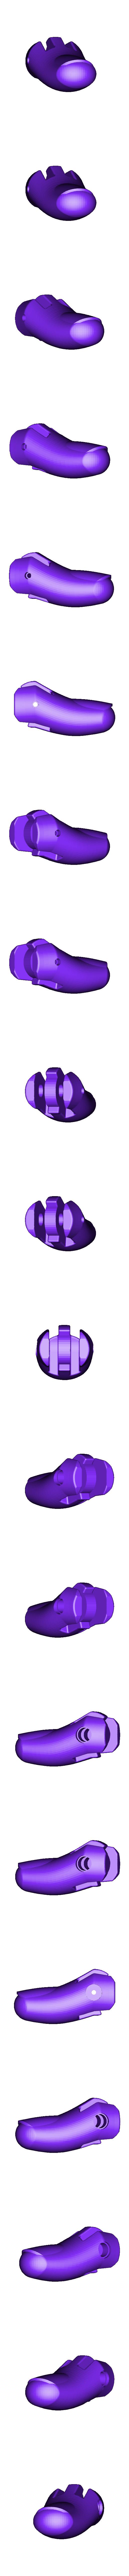 pouce_-_phalangette.stl Download free STL file Articulated hand • 3D printer model, NOP21